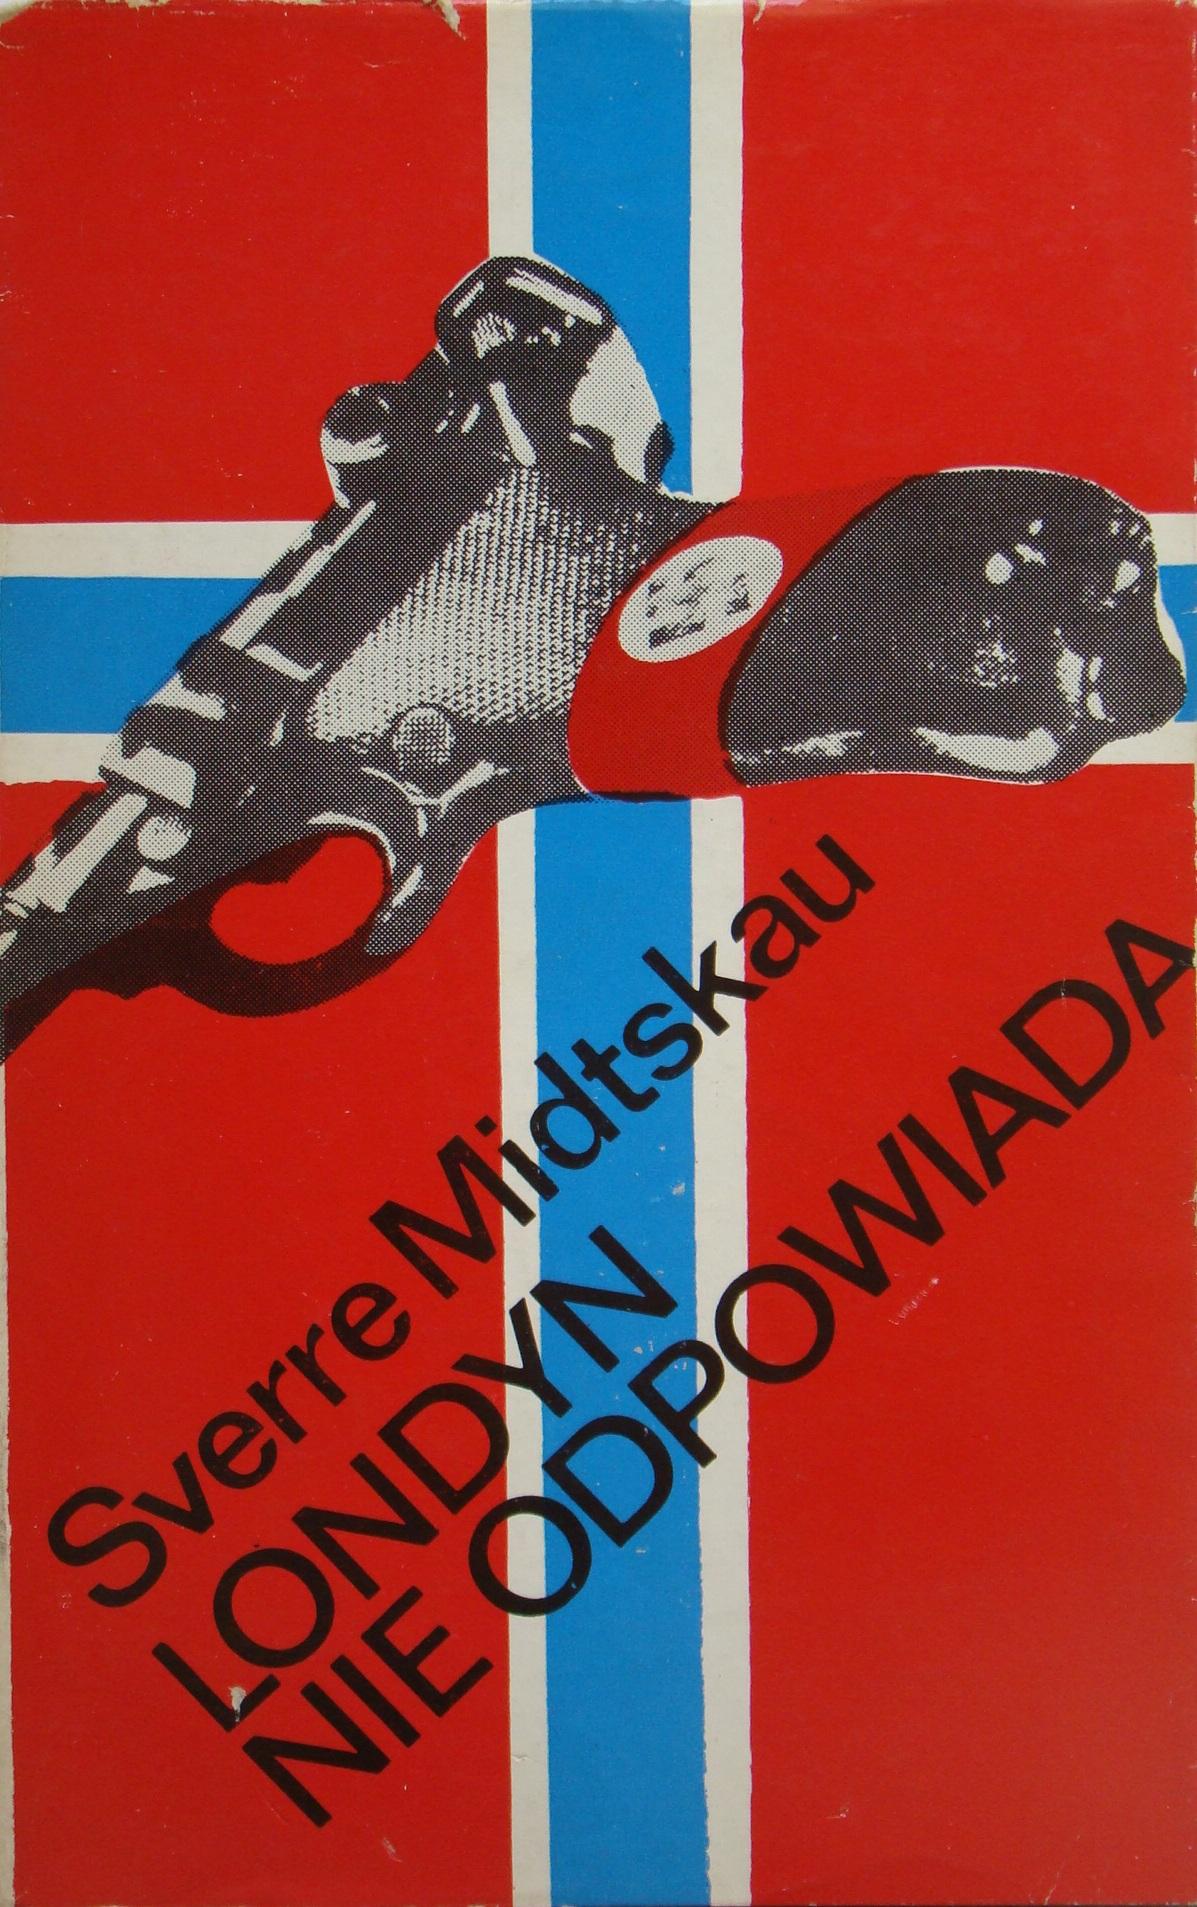 Sverre Midtskau - Londyn nie odpowiada - Allegro.pl - Cena: 1 zł - Stan:  używany - Warka